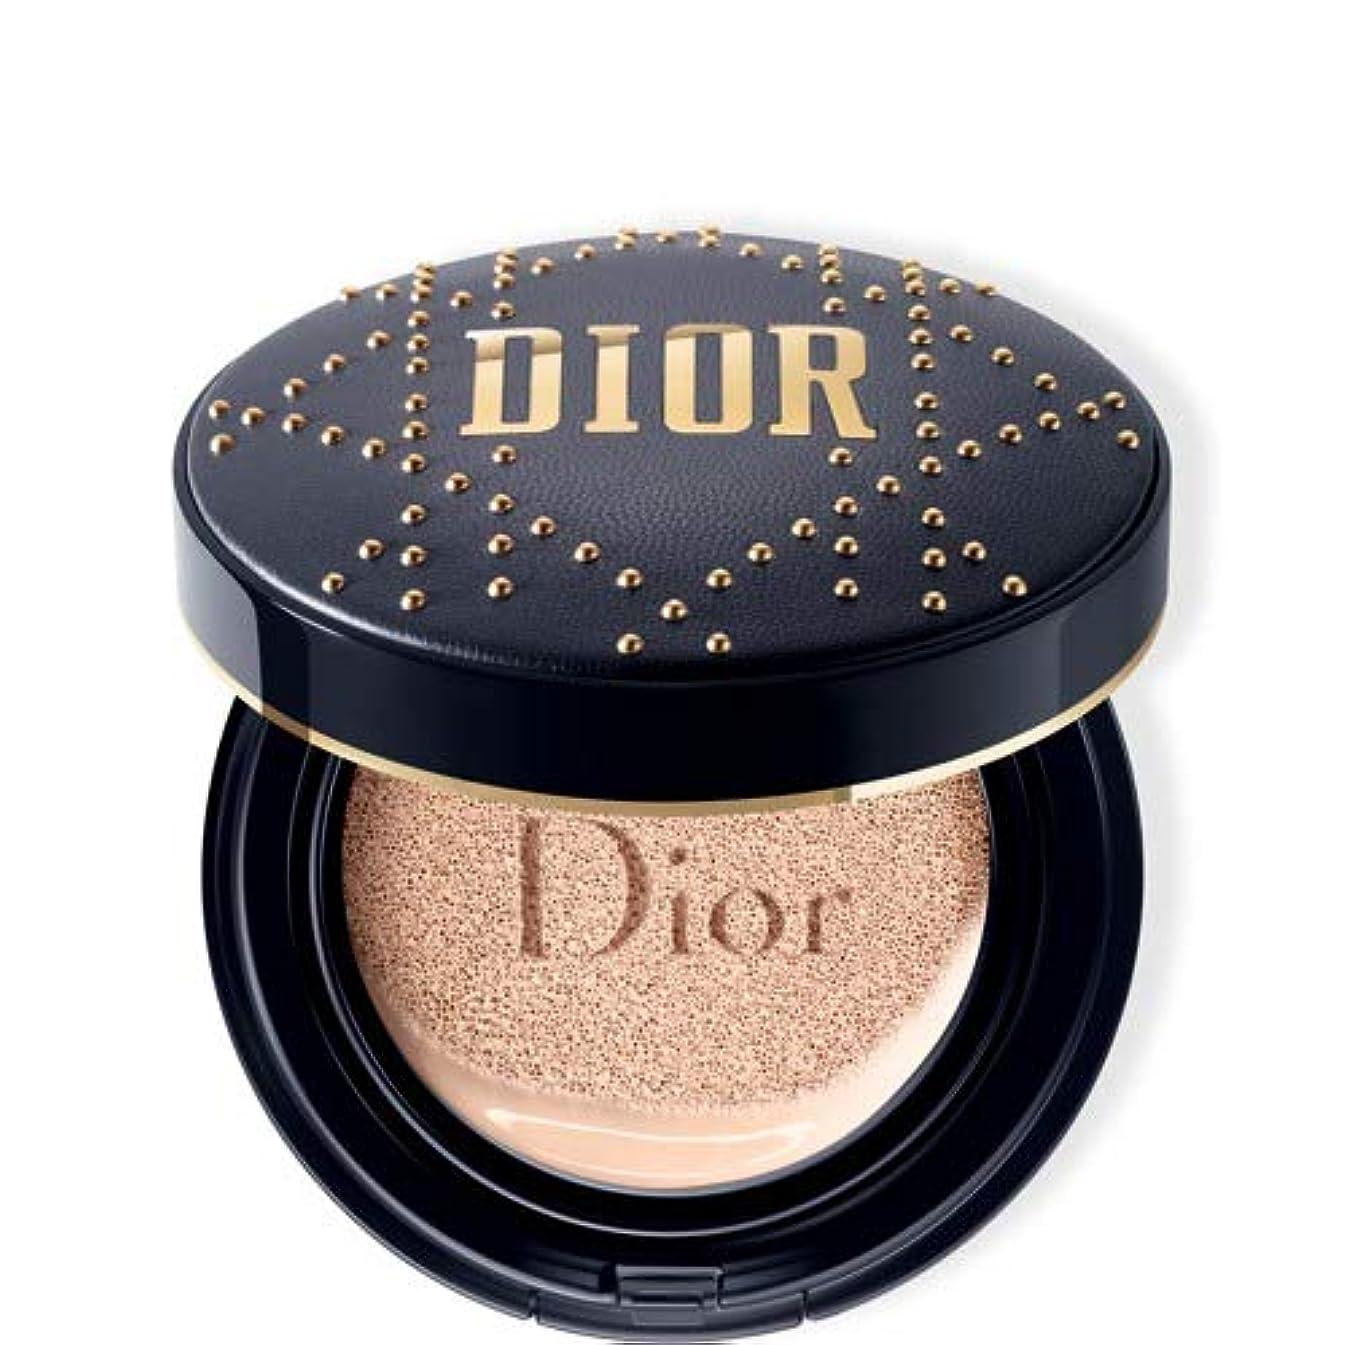 かもしれない勉強する拡声器Dior ディオールスキン フォーエヴァー クッション - 限定スタッズ カナージュ ケース #030